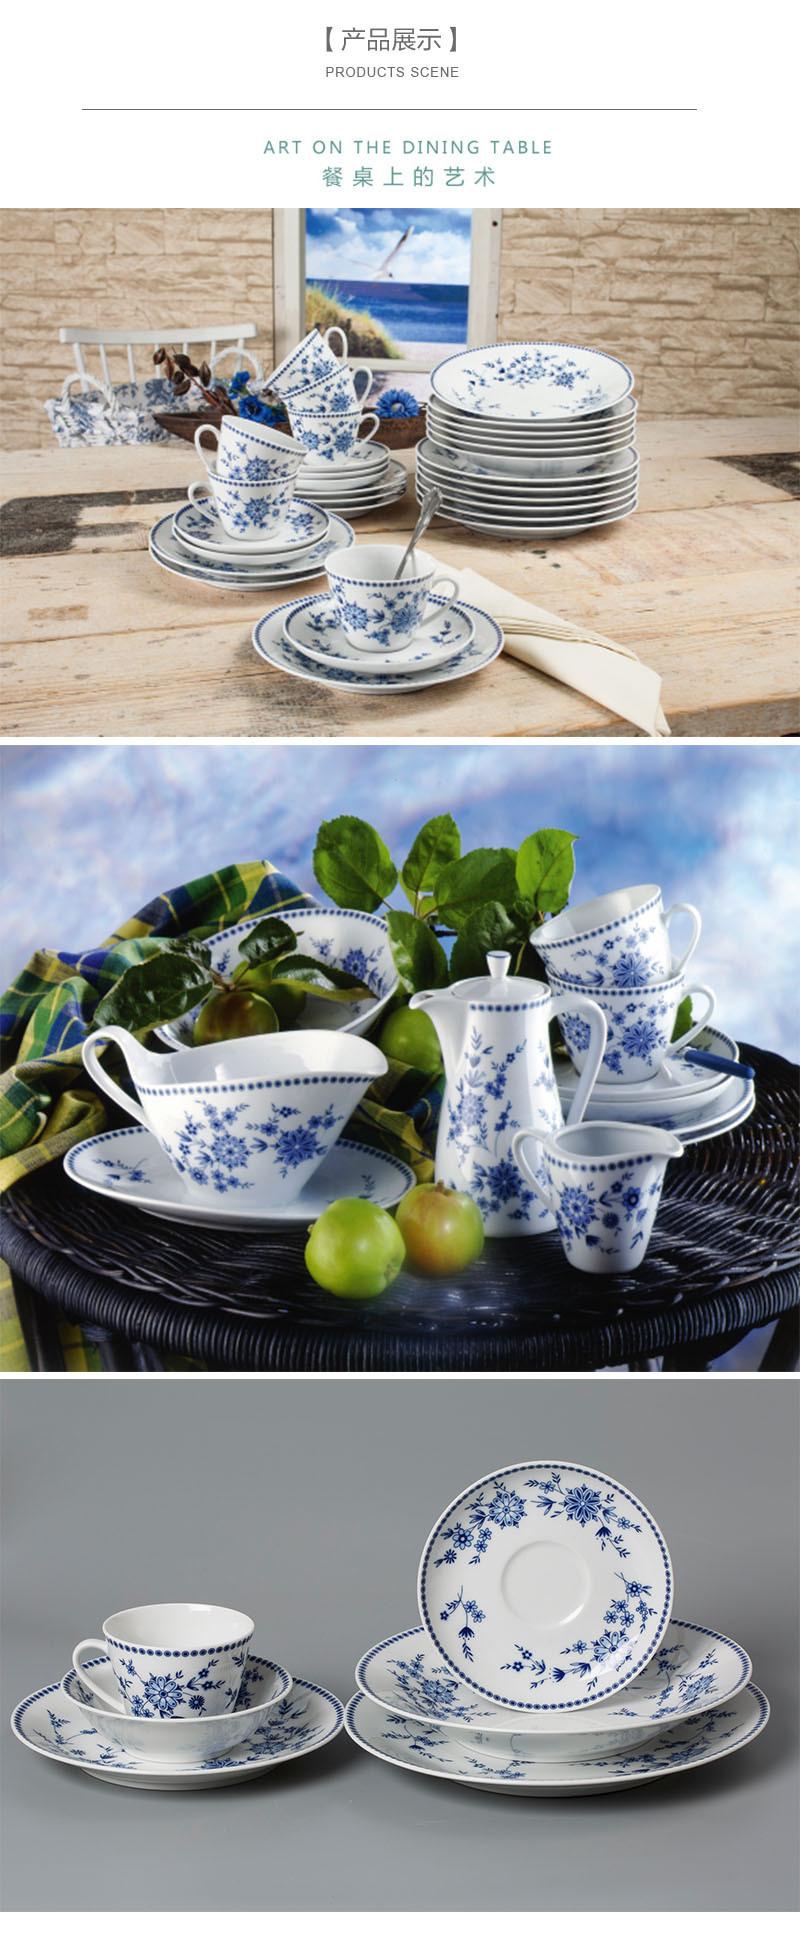 德国Seltmann Weiden青花陶瓷碗西餐具产品展示